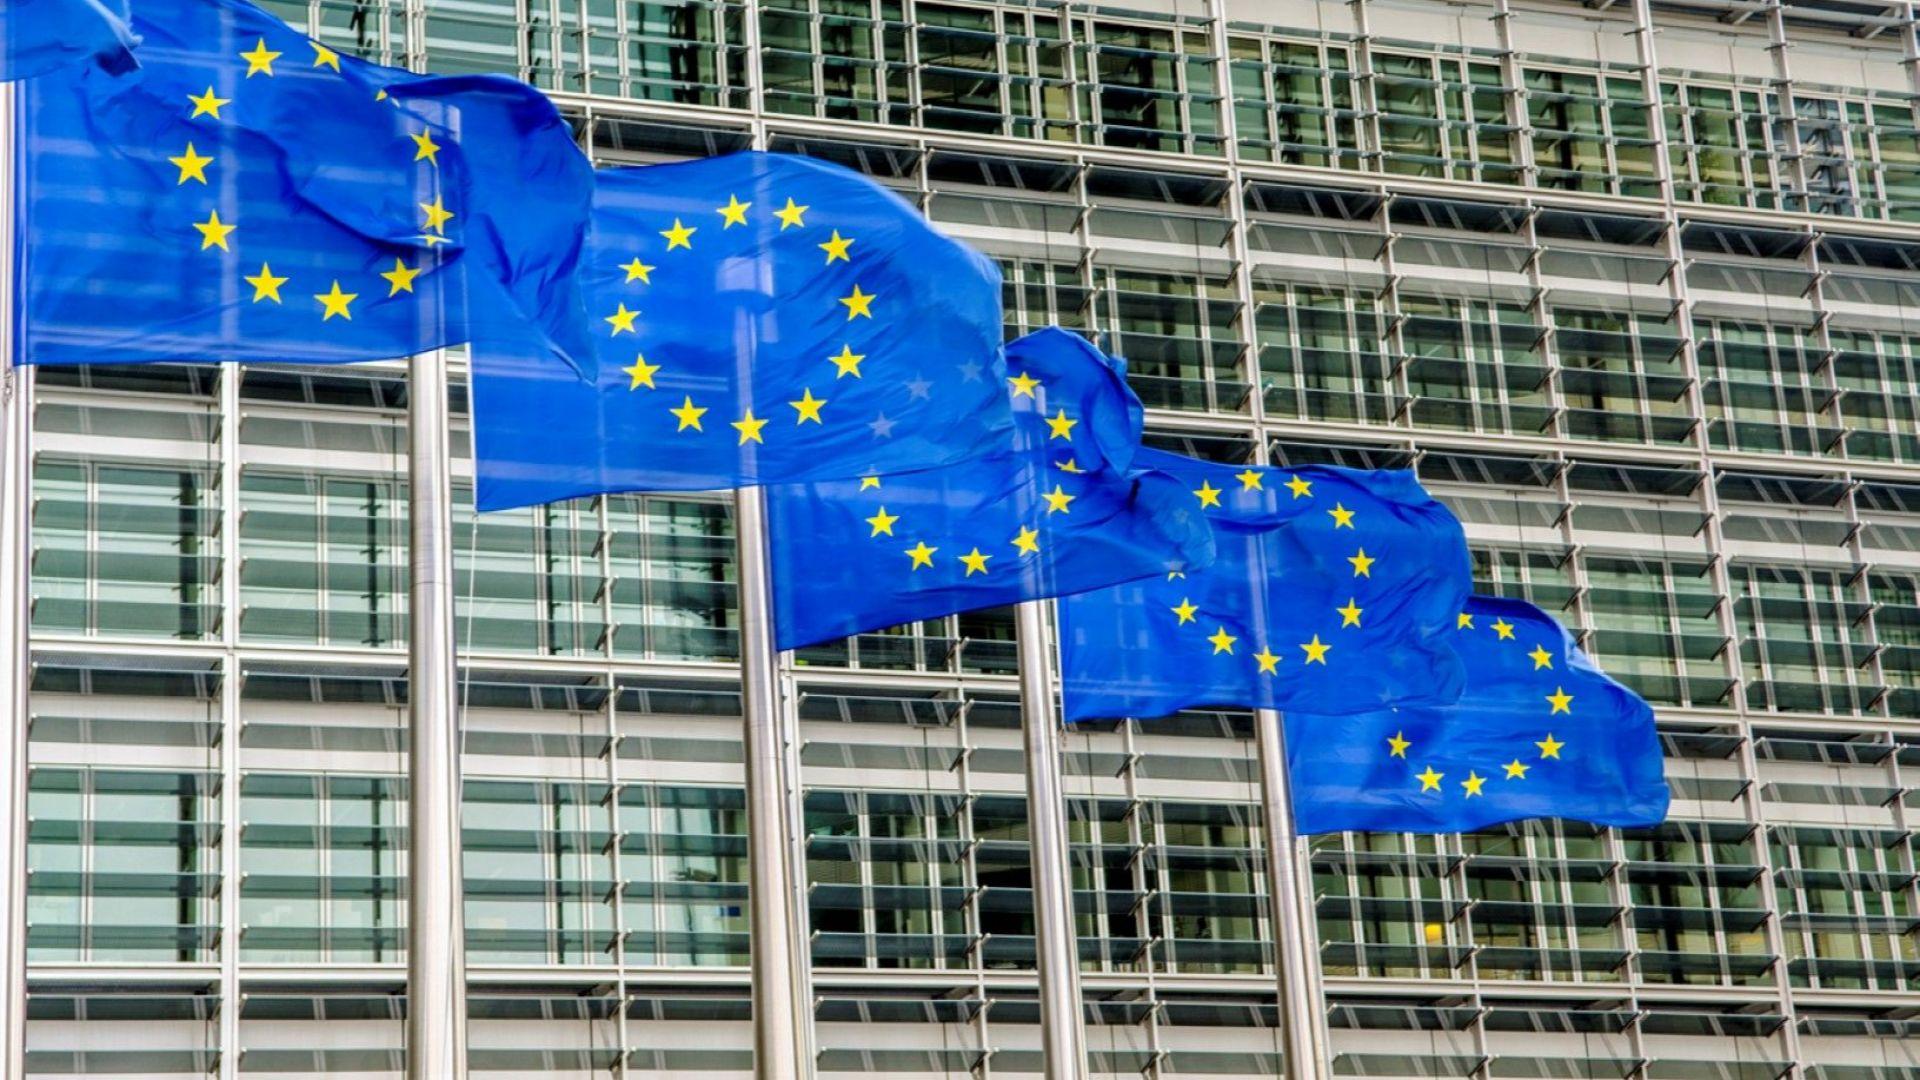 България и още 8 от ЕС отхвърлиха правила за класифициране на зелените инвестиции